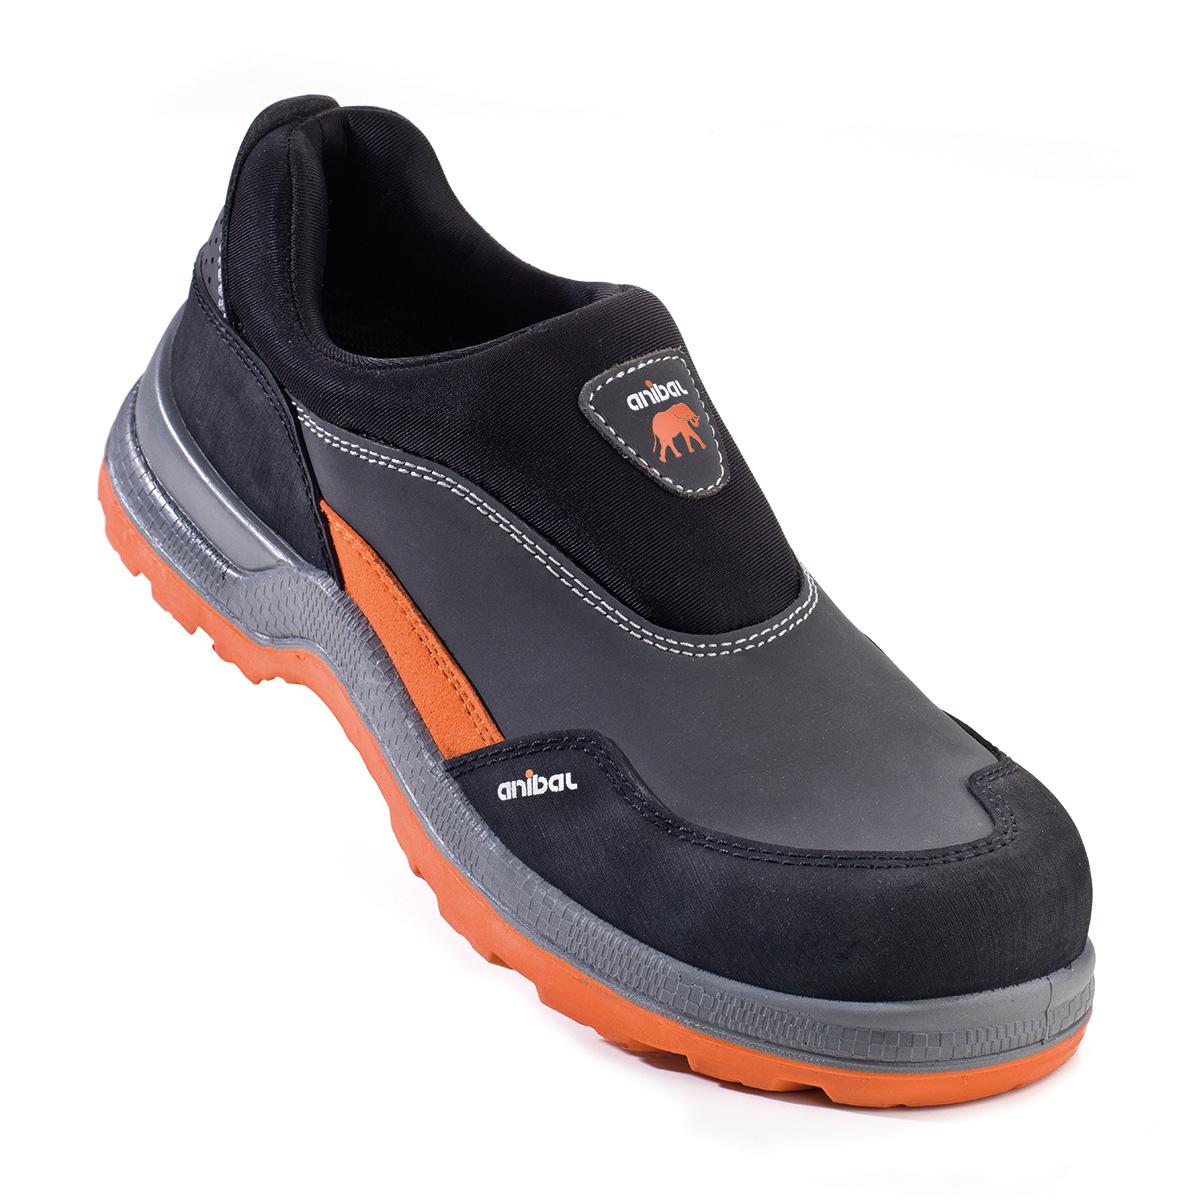 c6a23811758 | Productos | Calzado de Seguridad | Sporty Deportivos Metal Free | Ref.  1688-ZA | Marca Protección Laboral